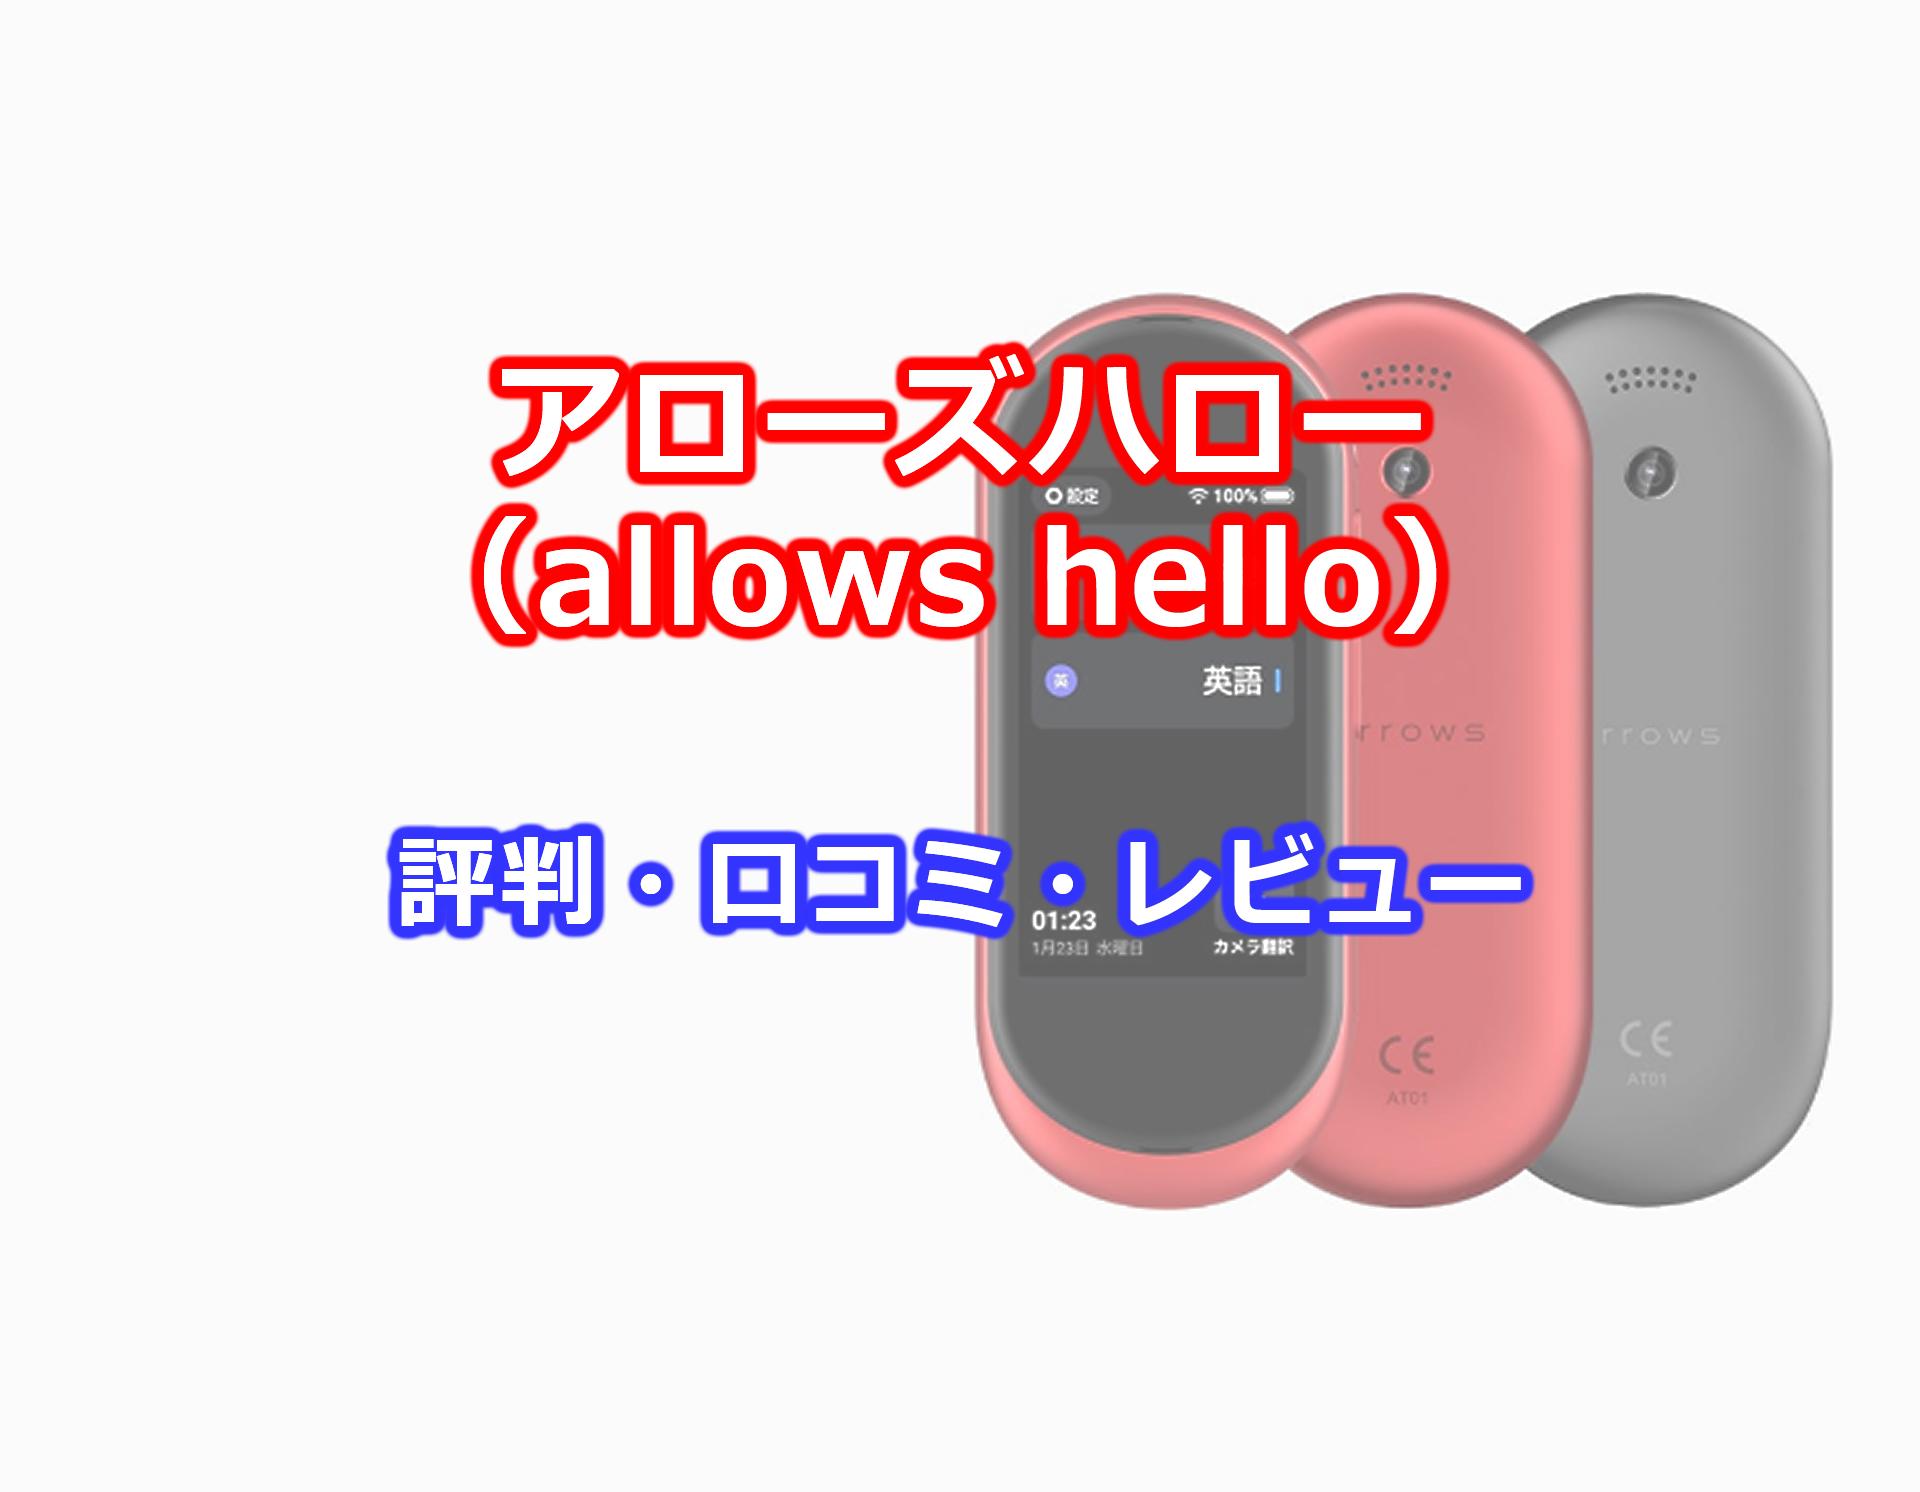 アローズハロー(allows hello)の評判・口コミ・レビューを調べてみた!